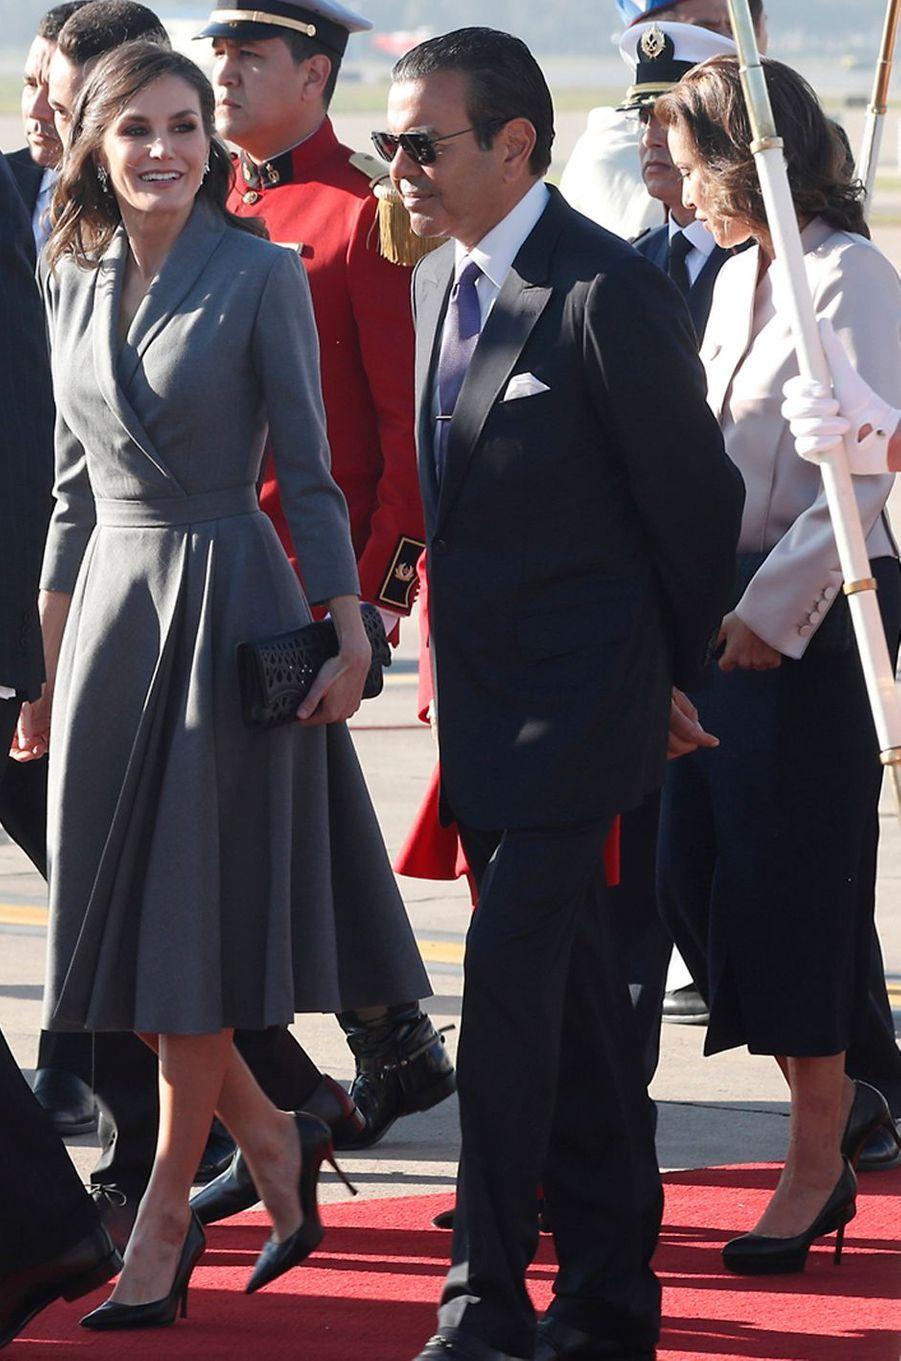 La reine Letizia d'Espagne à son arrivée au Maroc le 13 février 2019